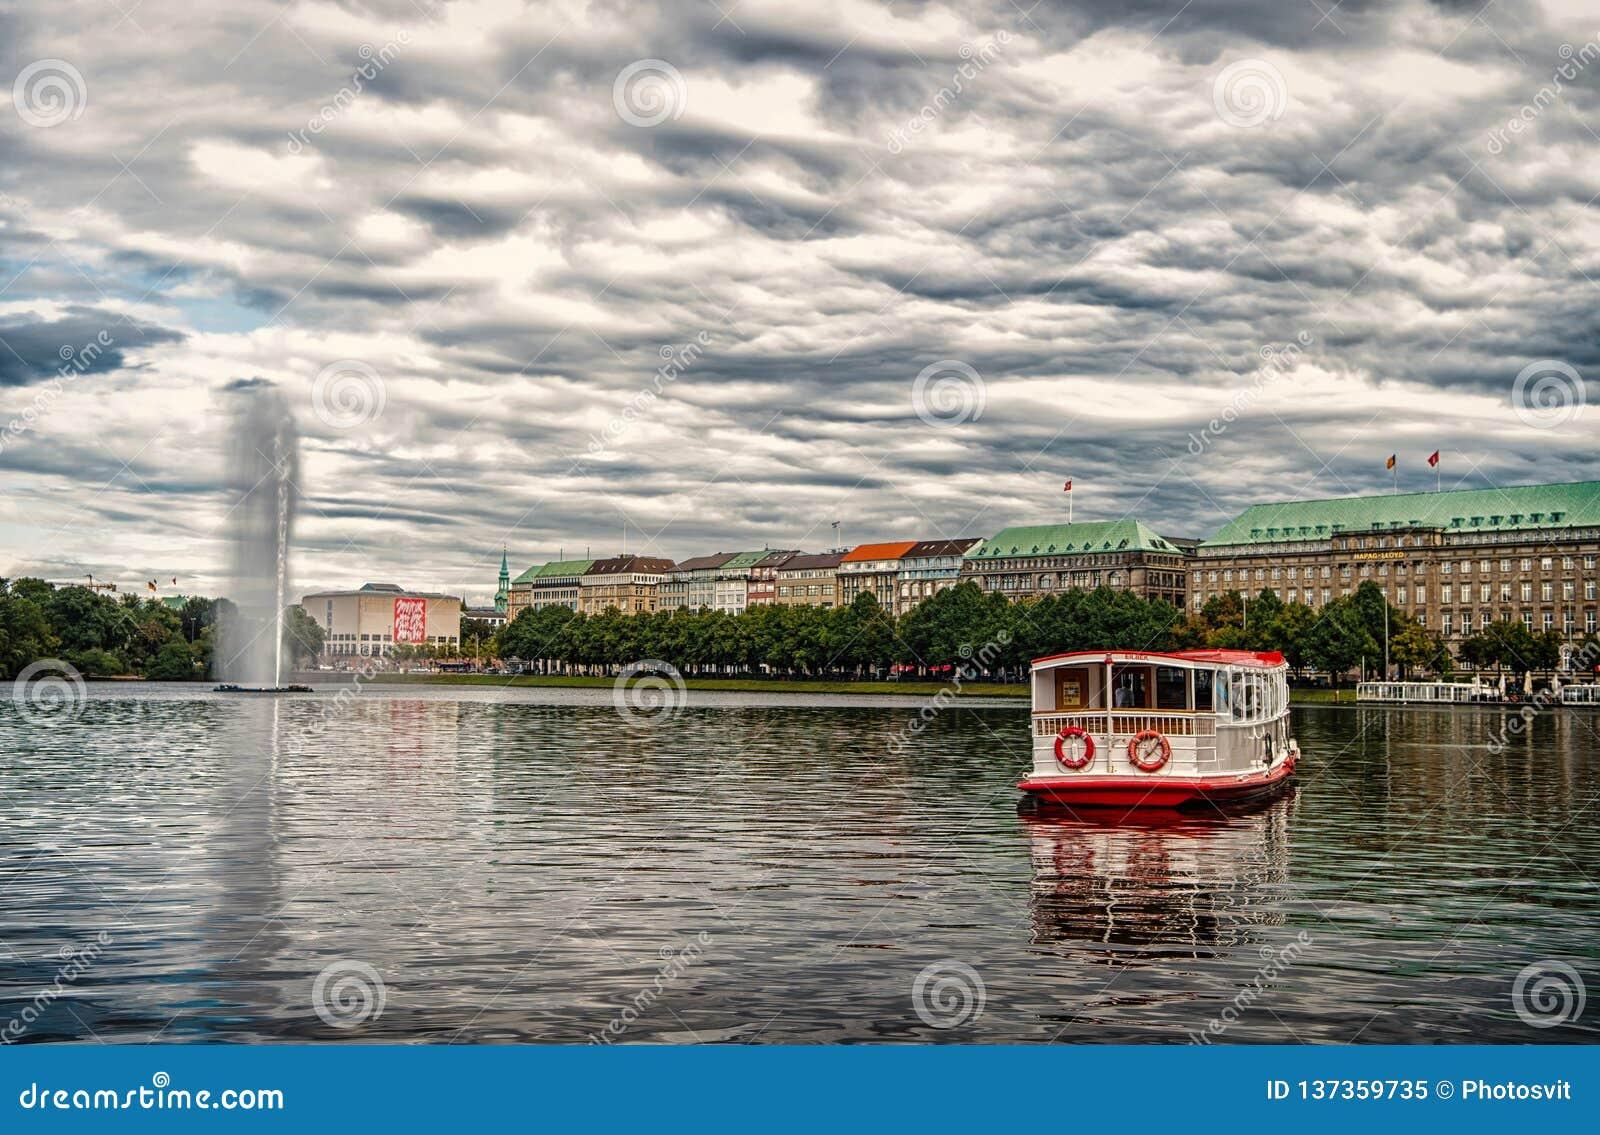 De vlotter van de kruiserboot op rivierwater in Hamburg, Duitsland